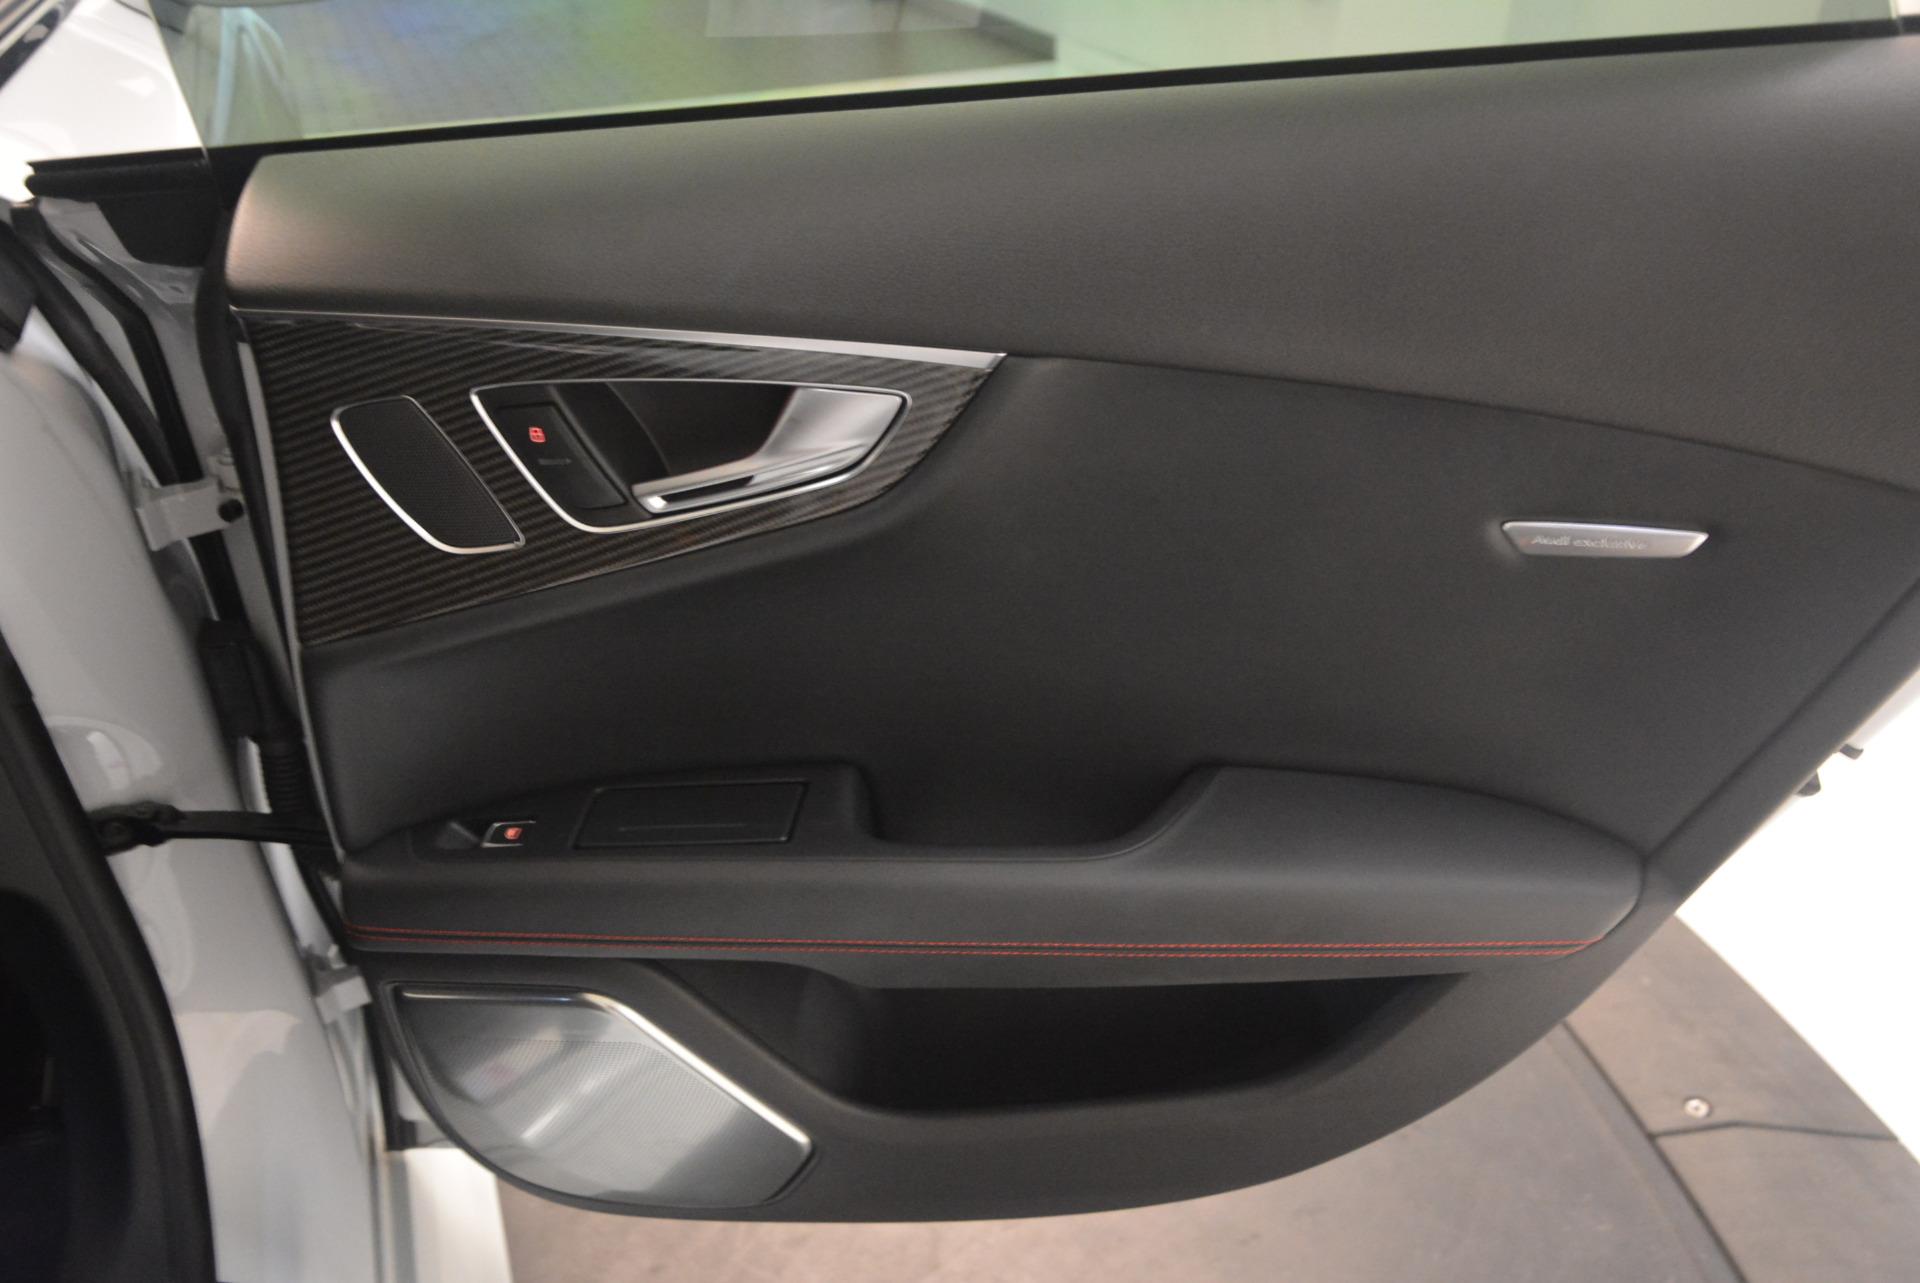 Used 2014 Audi RS 7 4.0T quattro Prestige For Sale In Greenwich, CT 1262_p37